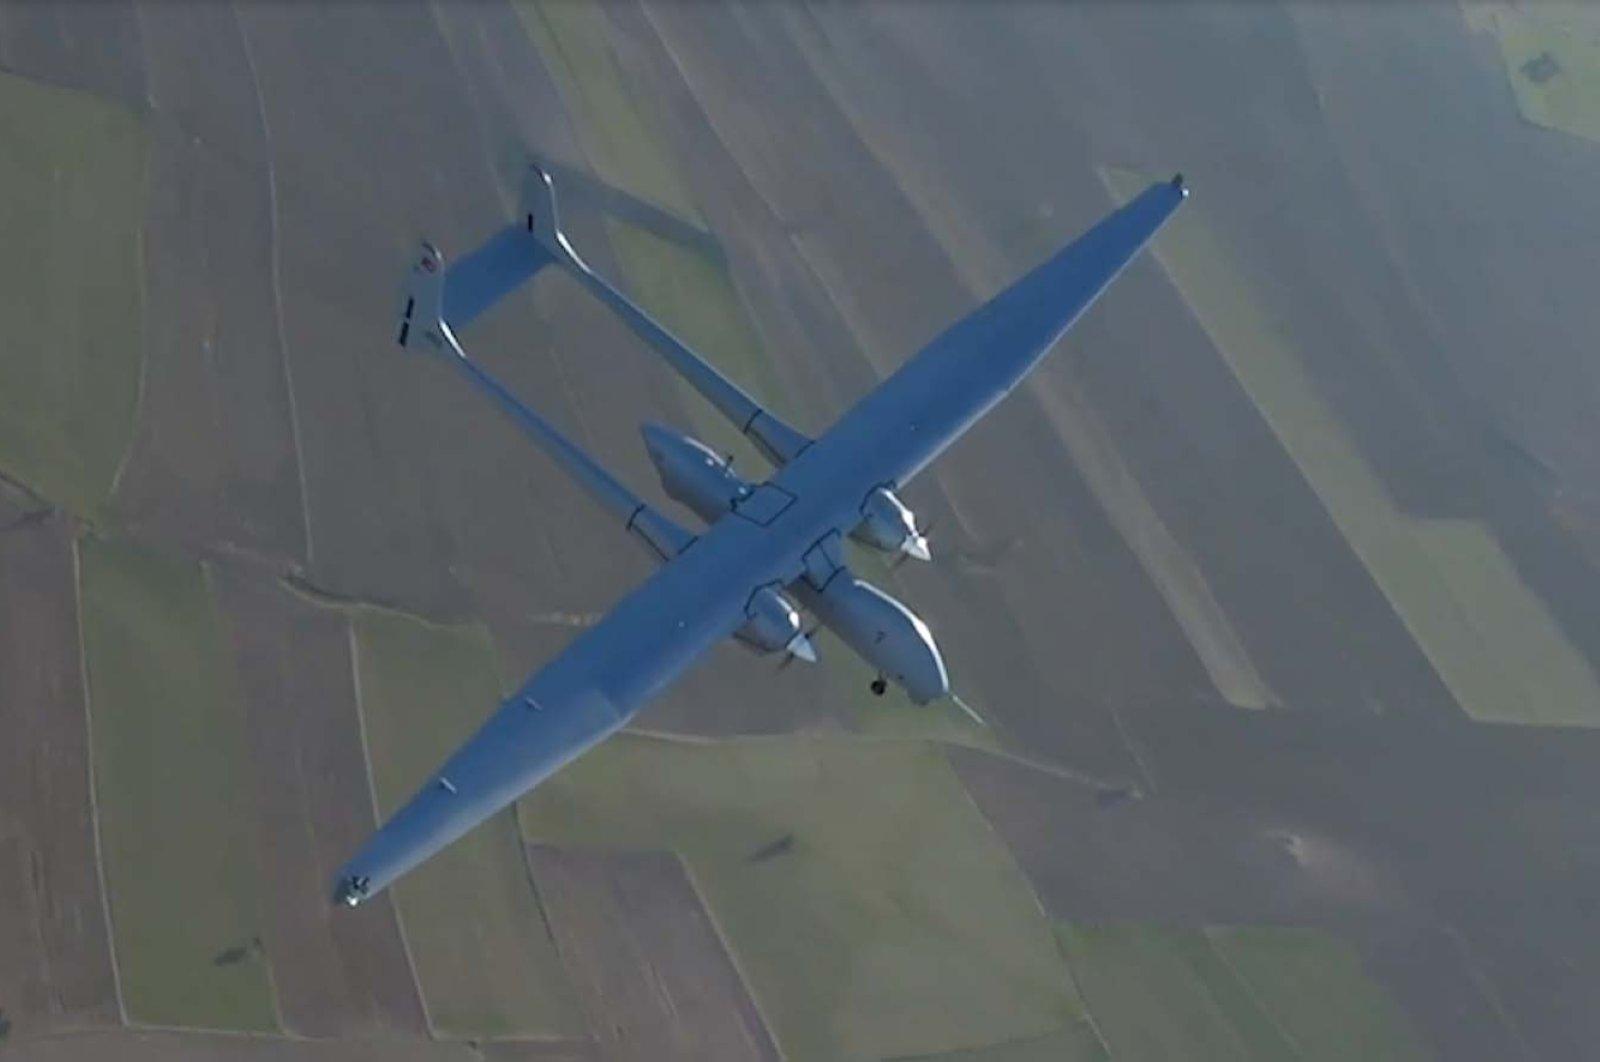 The Aksungur UAV is seen in the air, April 25, 2021. (DHA Photo)